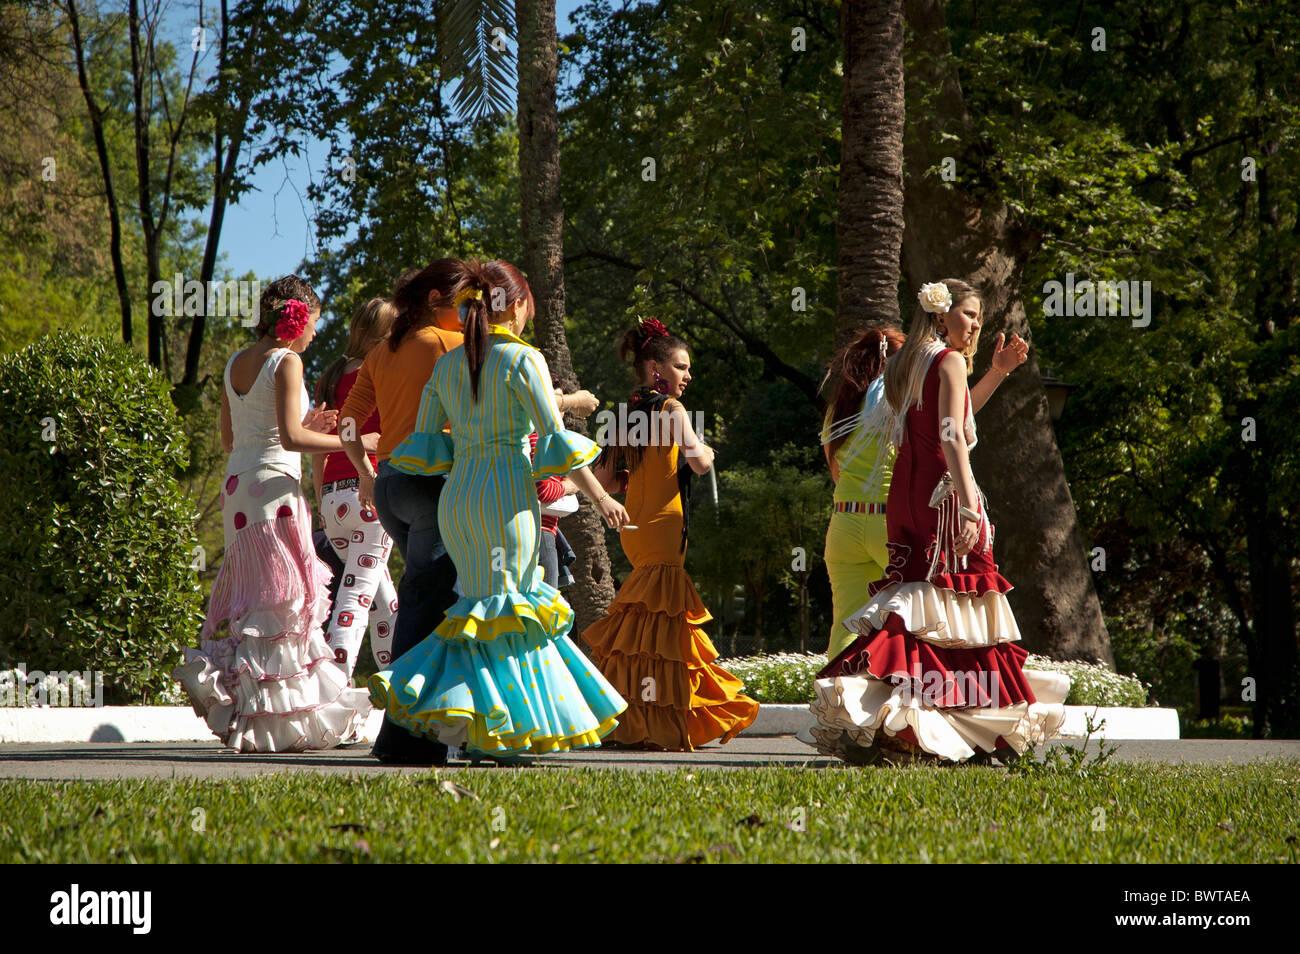 Le donne in abito di flamenco a piedi attraverso il Parco Maria Luisa verso il Siviglia Fiera di Primavera, Siviglia, Andalusia, Spagna. Foto Stock